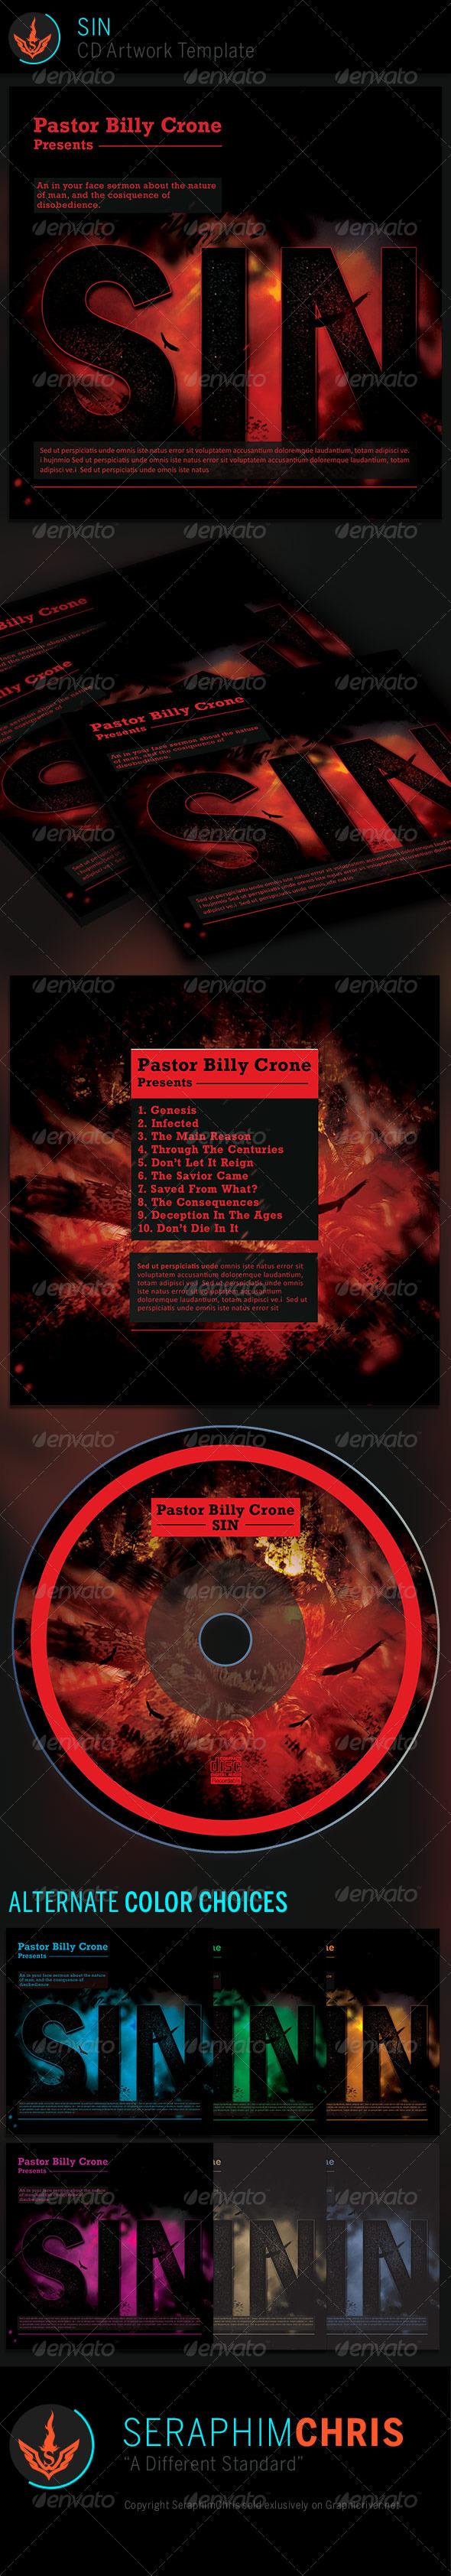 SIN CD Artwork Template